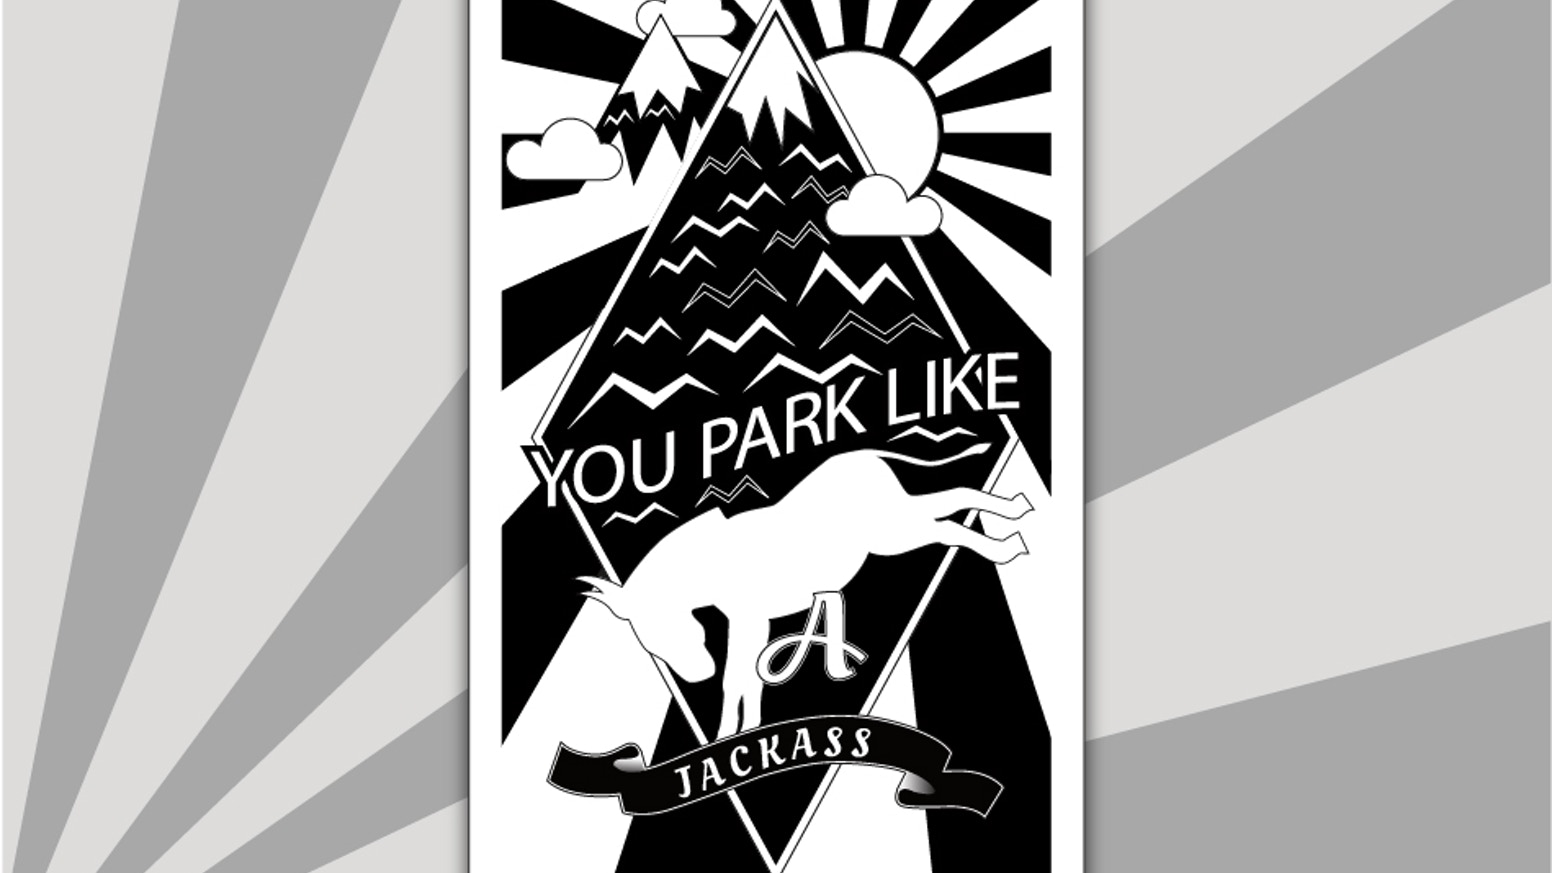 Bad Parking Business Cards by Josh Avren — Kickstarter